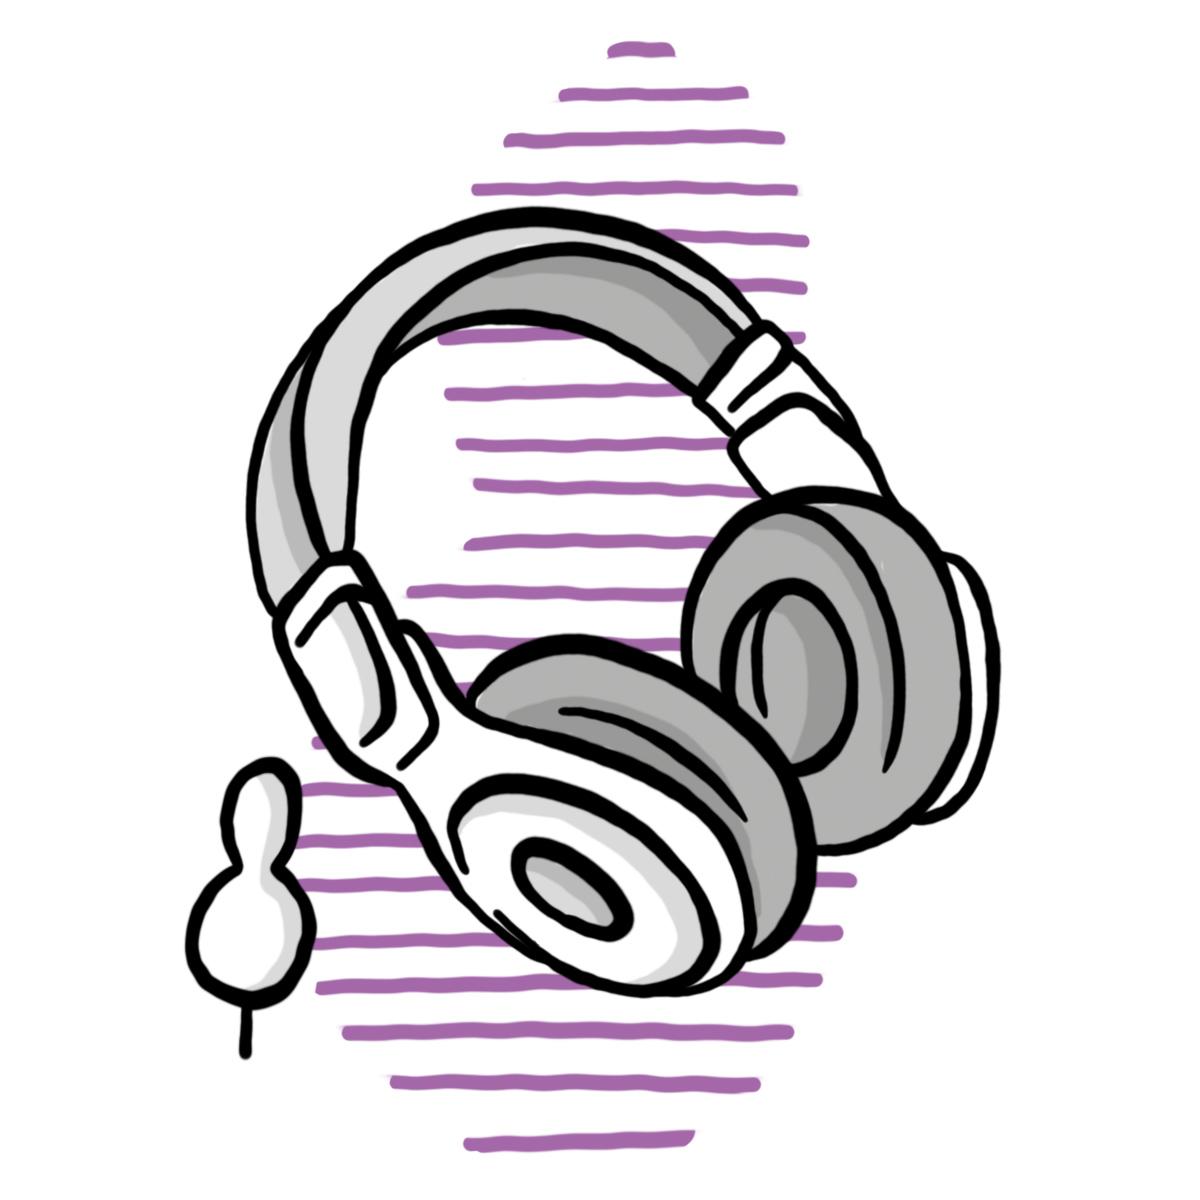 Kopfhörer mit Audio-Bäumchen (Symbol für Schulzweig Audio ORG)